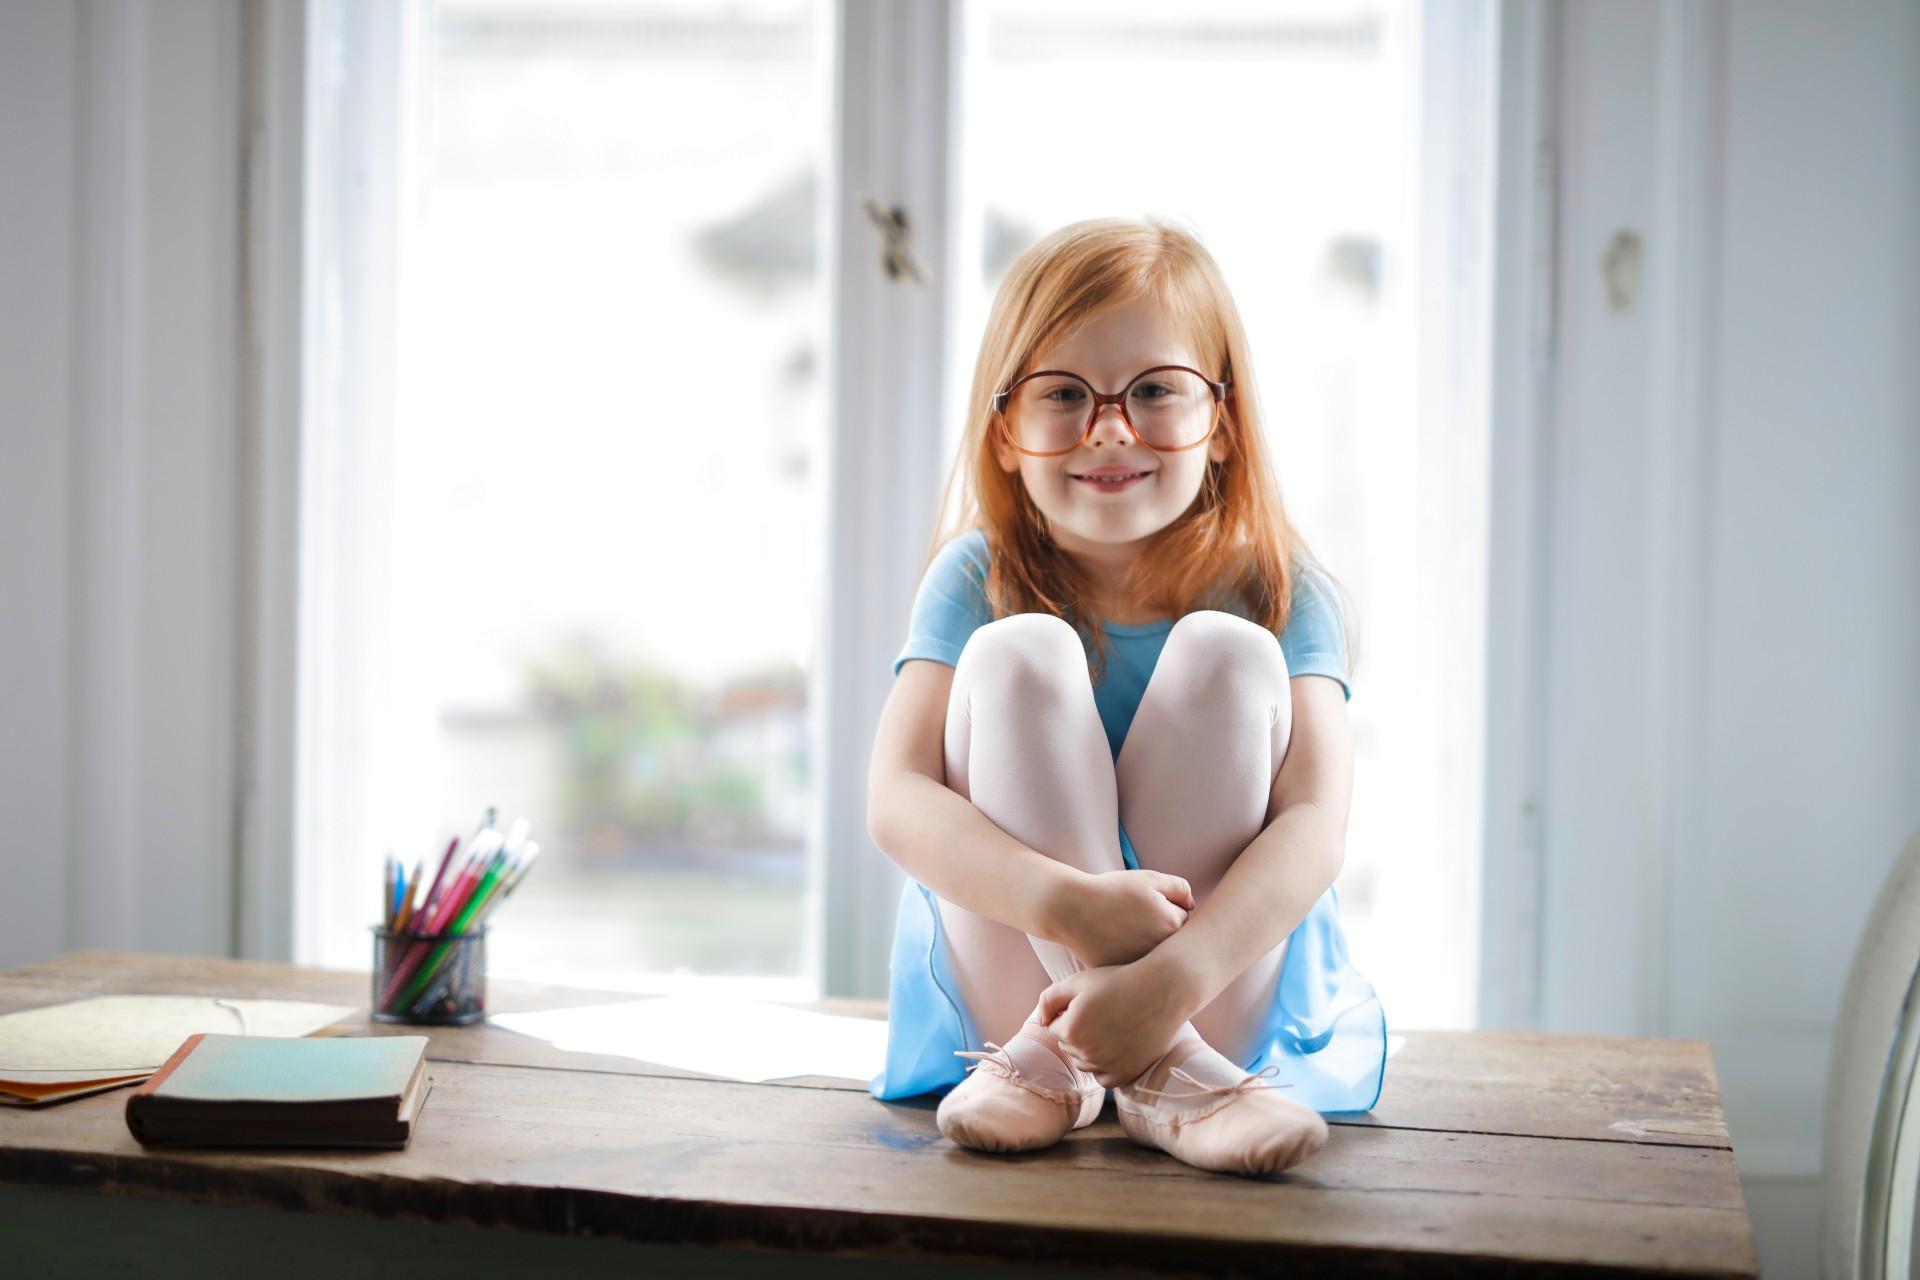 ¿Cómo detectar problemas de visión en los niños más pequeños?